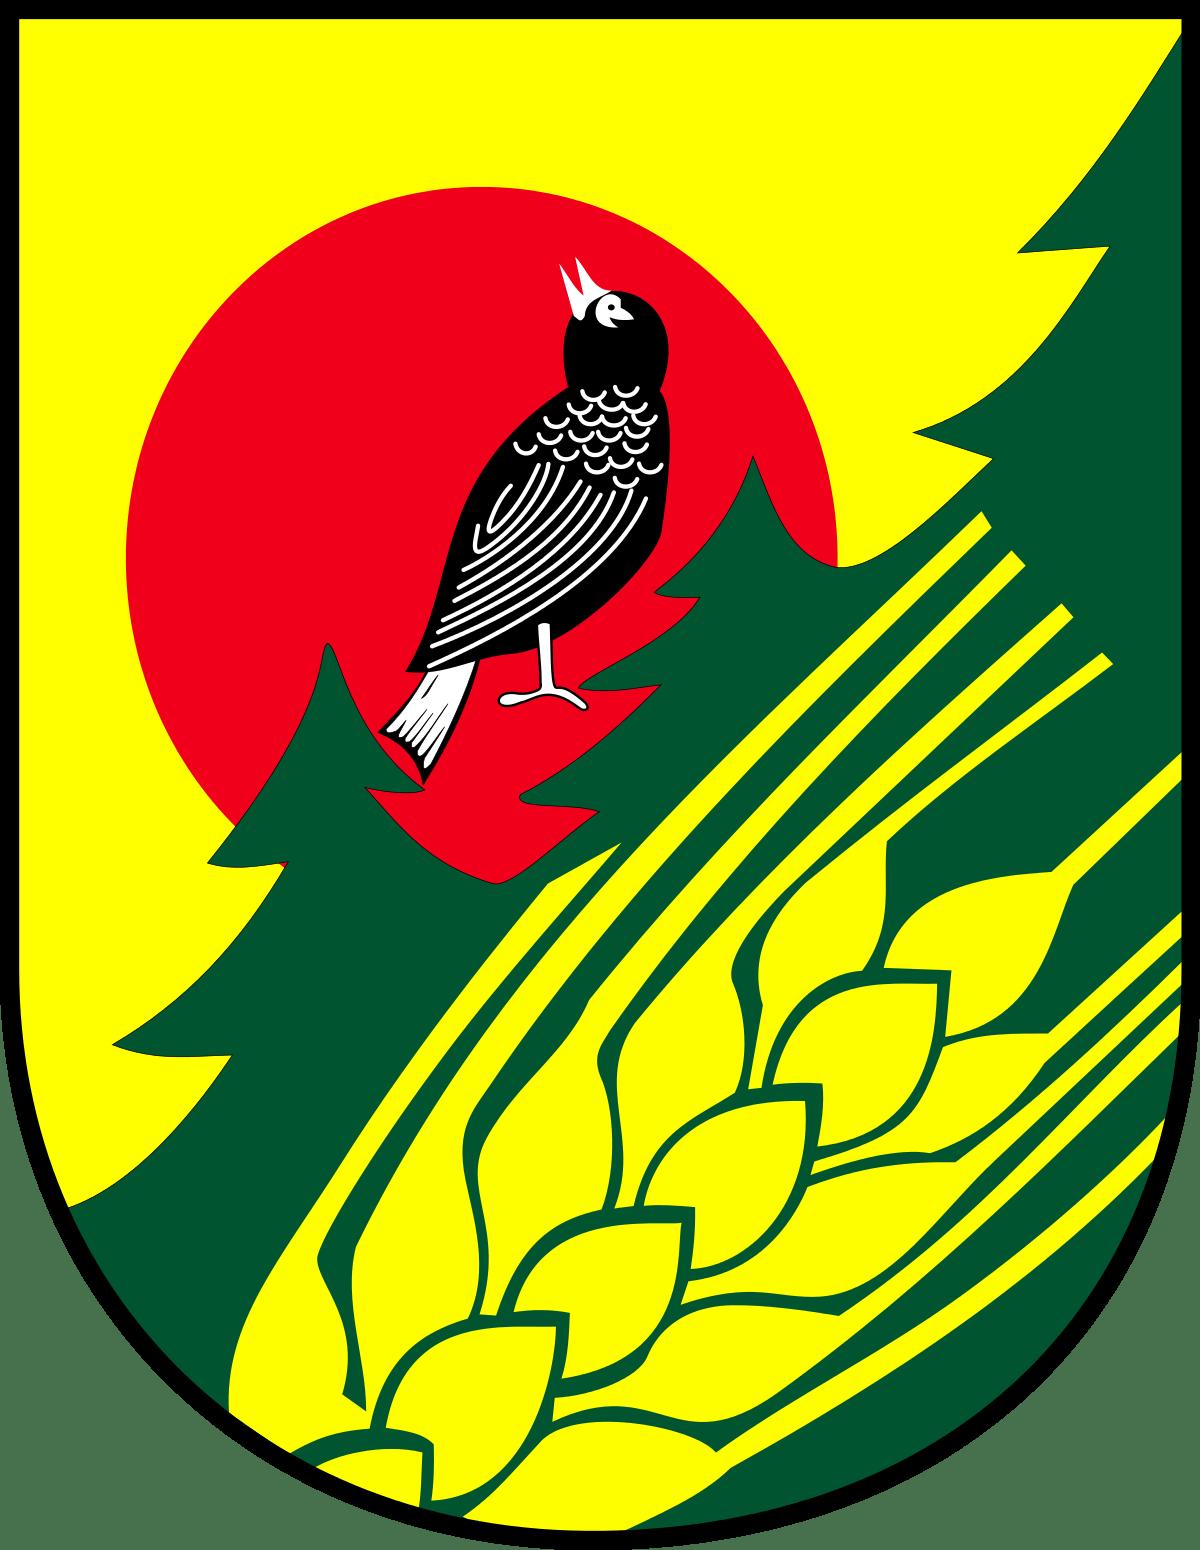 Herb gminy Skórcz gmina wiejska